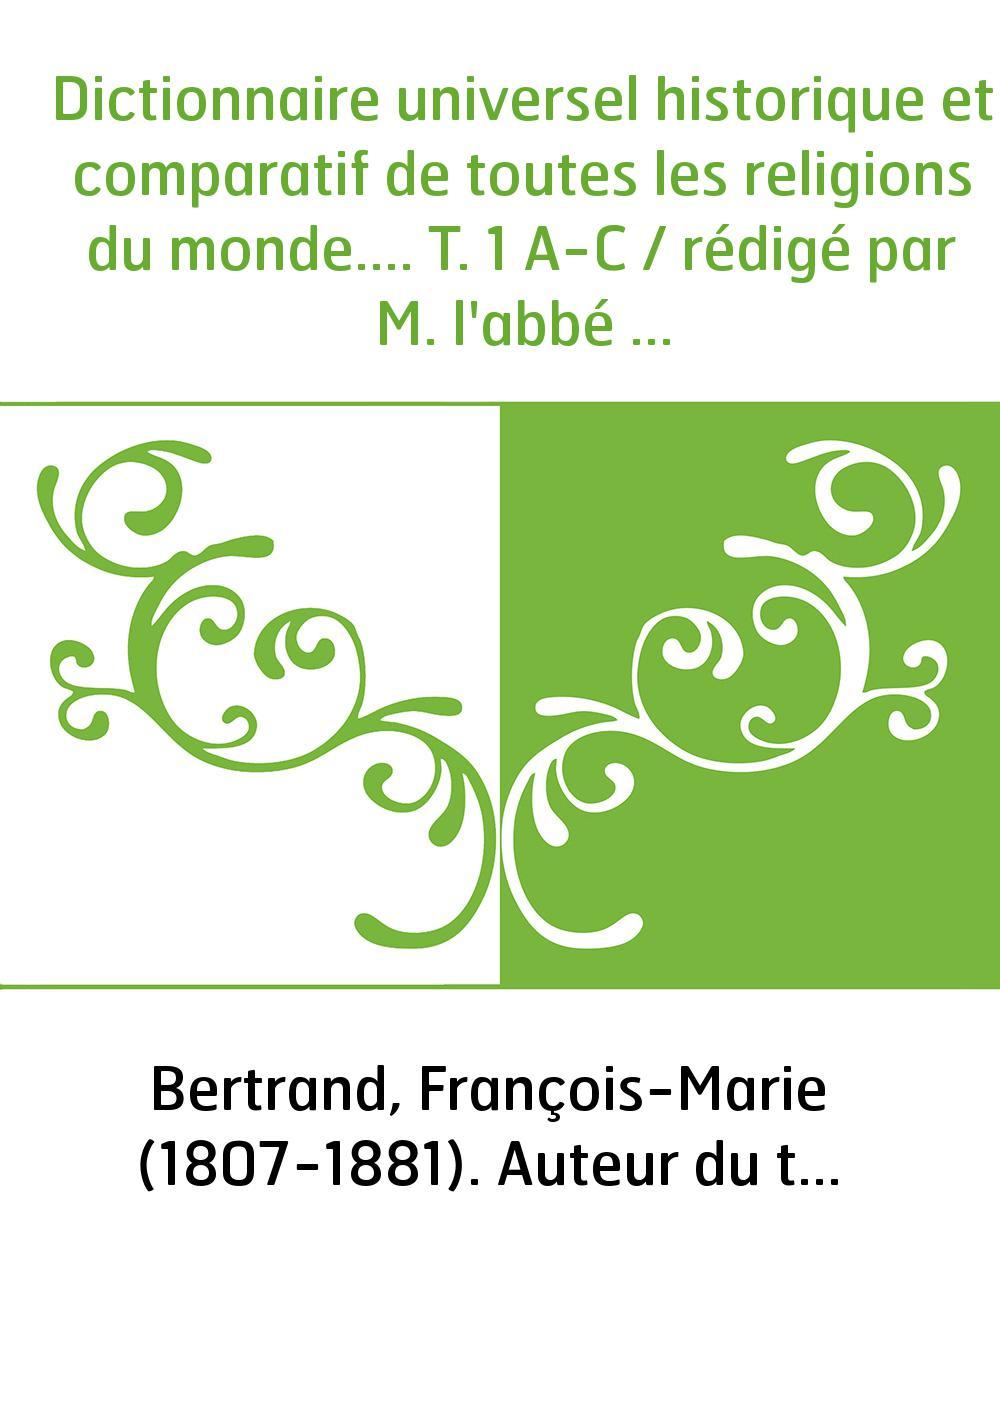 Dictionnaire universel historique et comparatif de toutes les religions du monde.... T. 1 A-C / rédigé par M. l'abbé Bertrand...